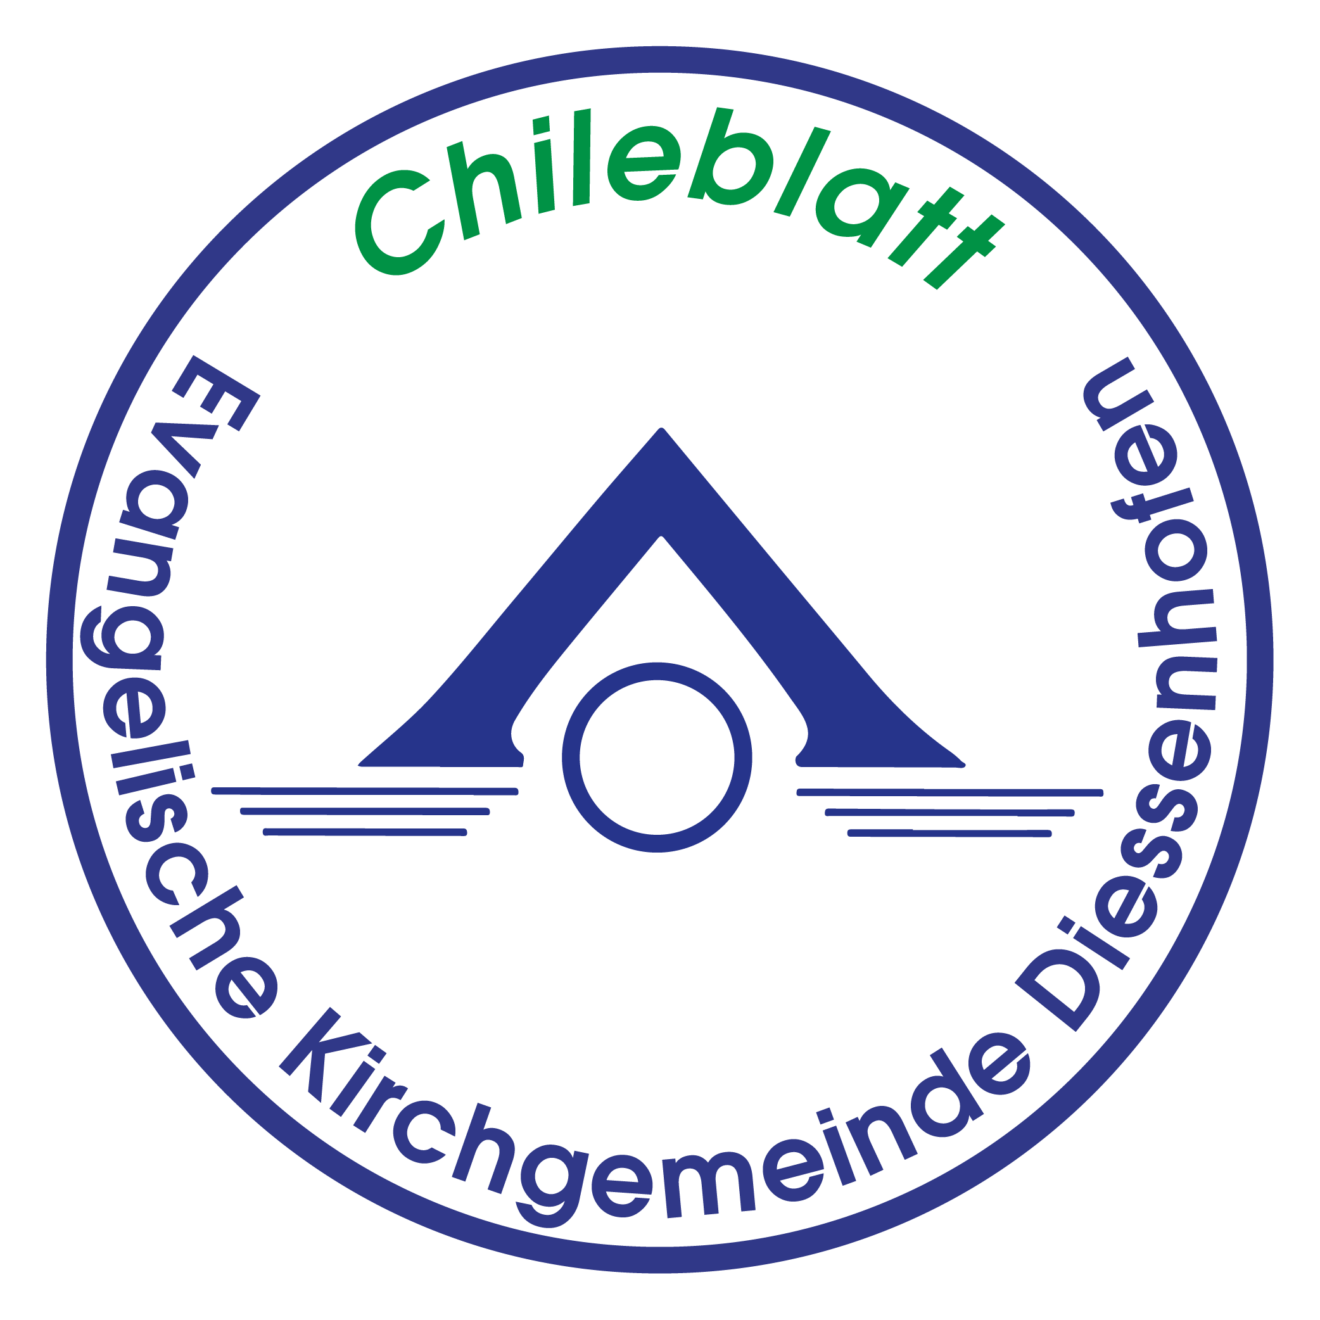 Chileblatt-Logo-1x1_Zeichenfläche 1